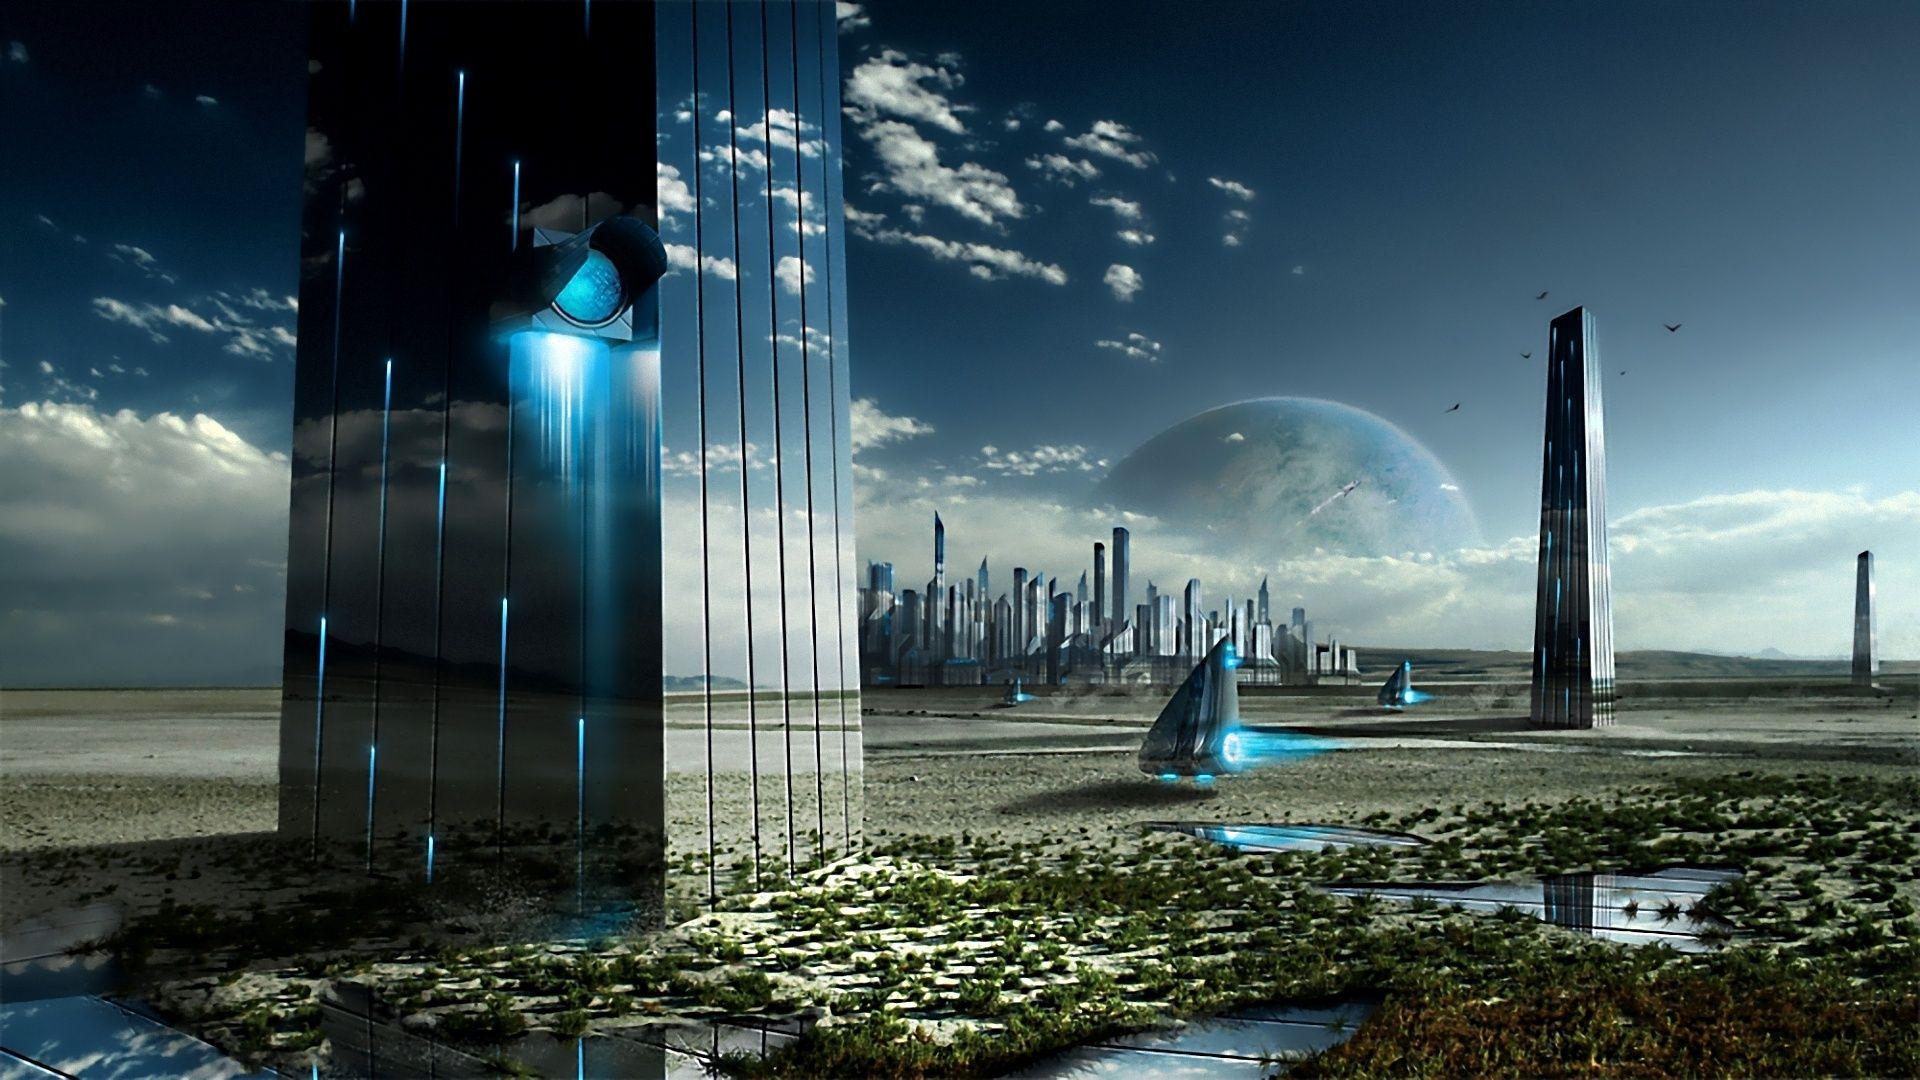 future city - Google Search